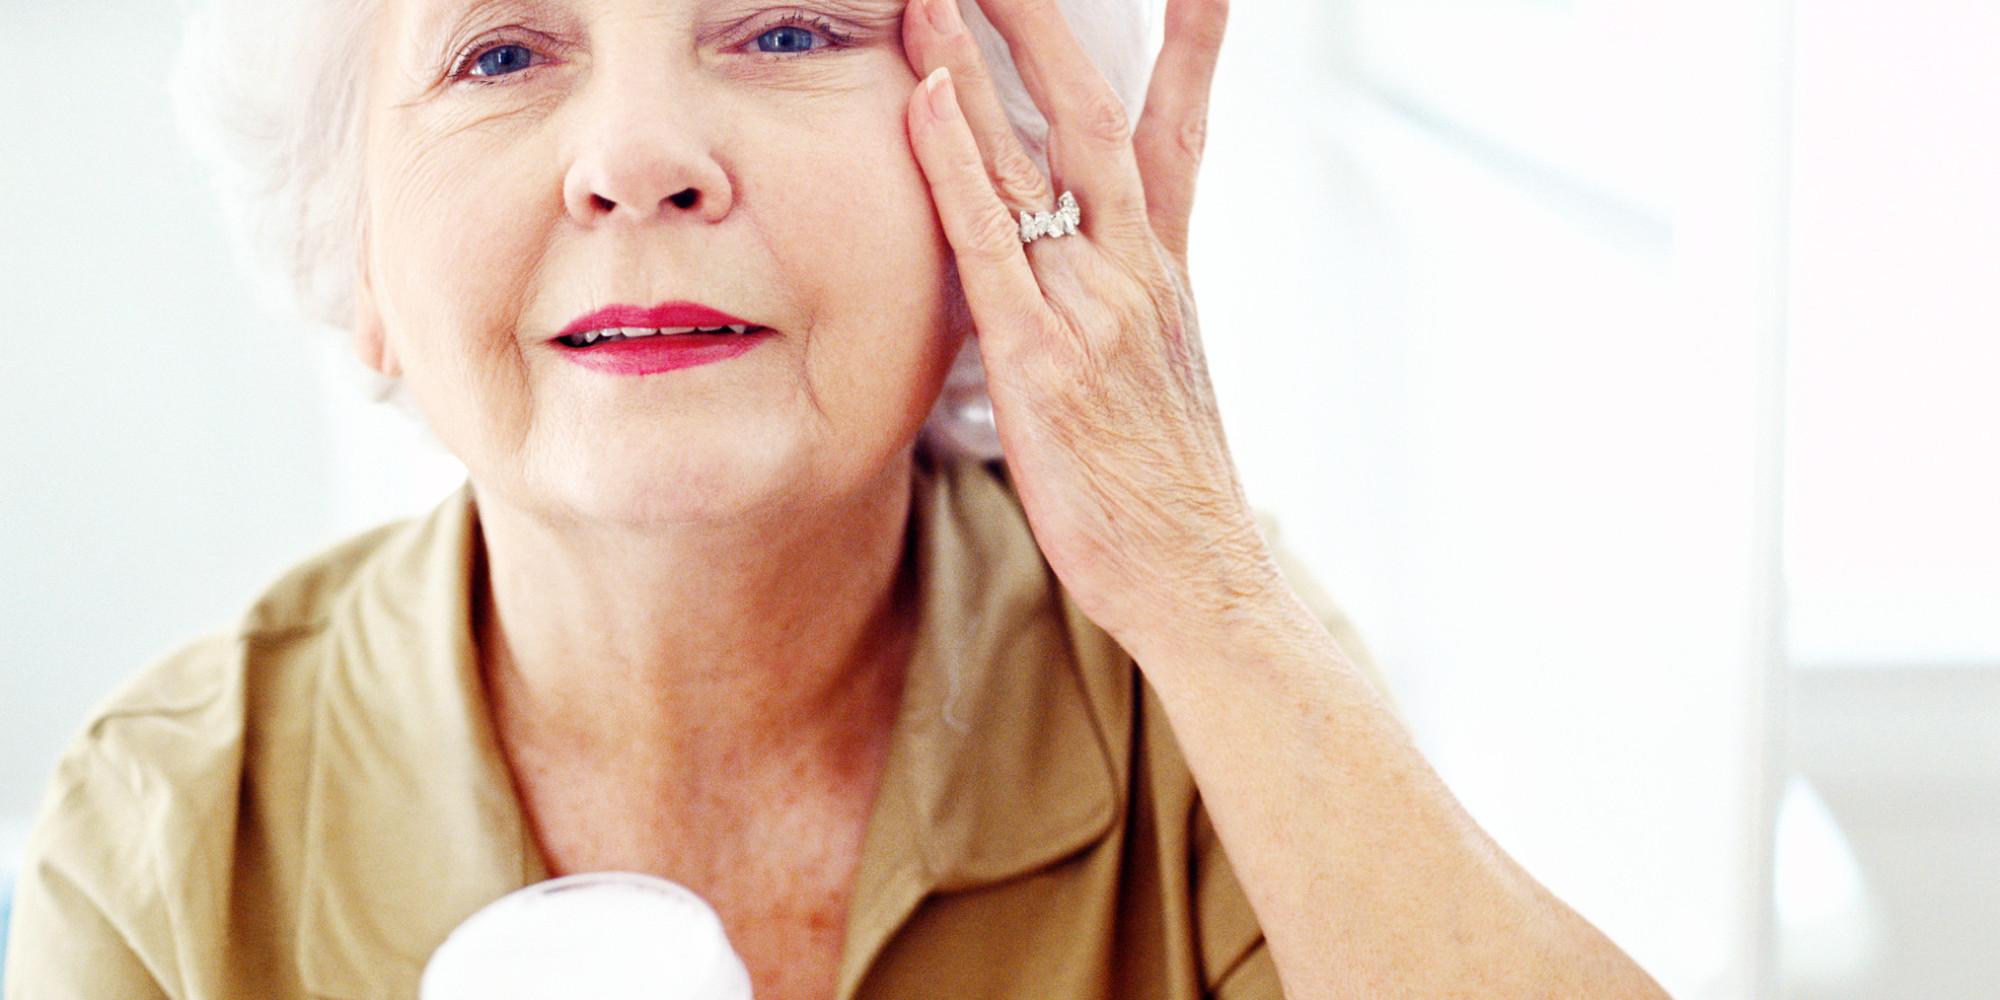 нормальное глазное давление в 65 лет